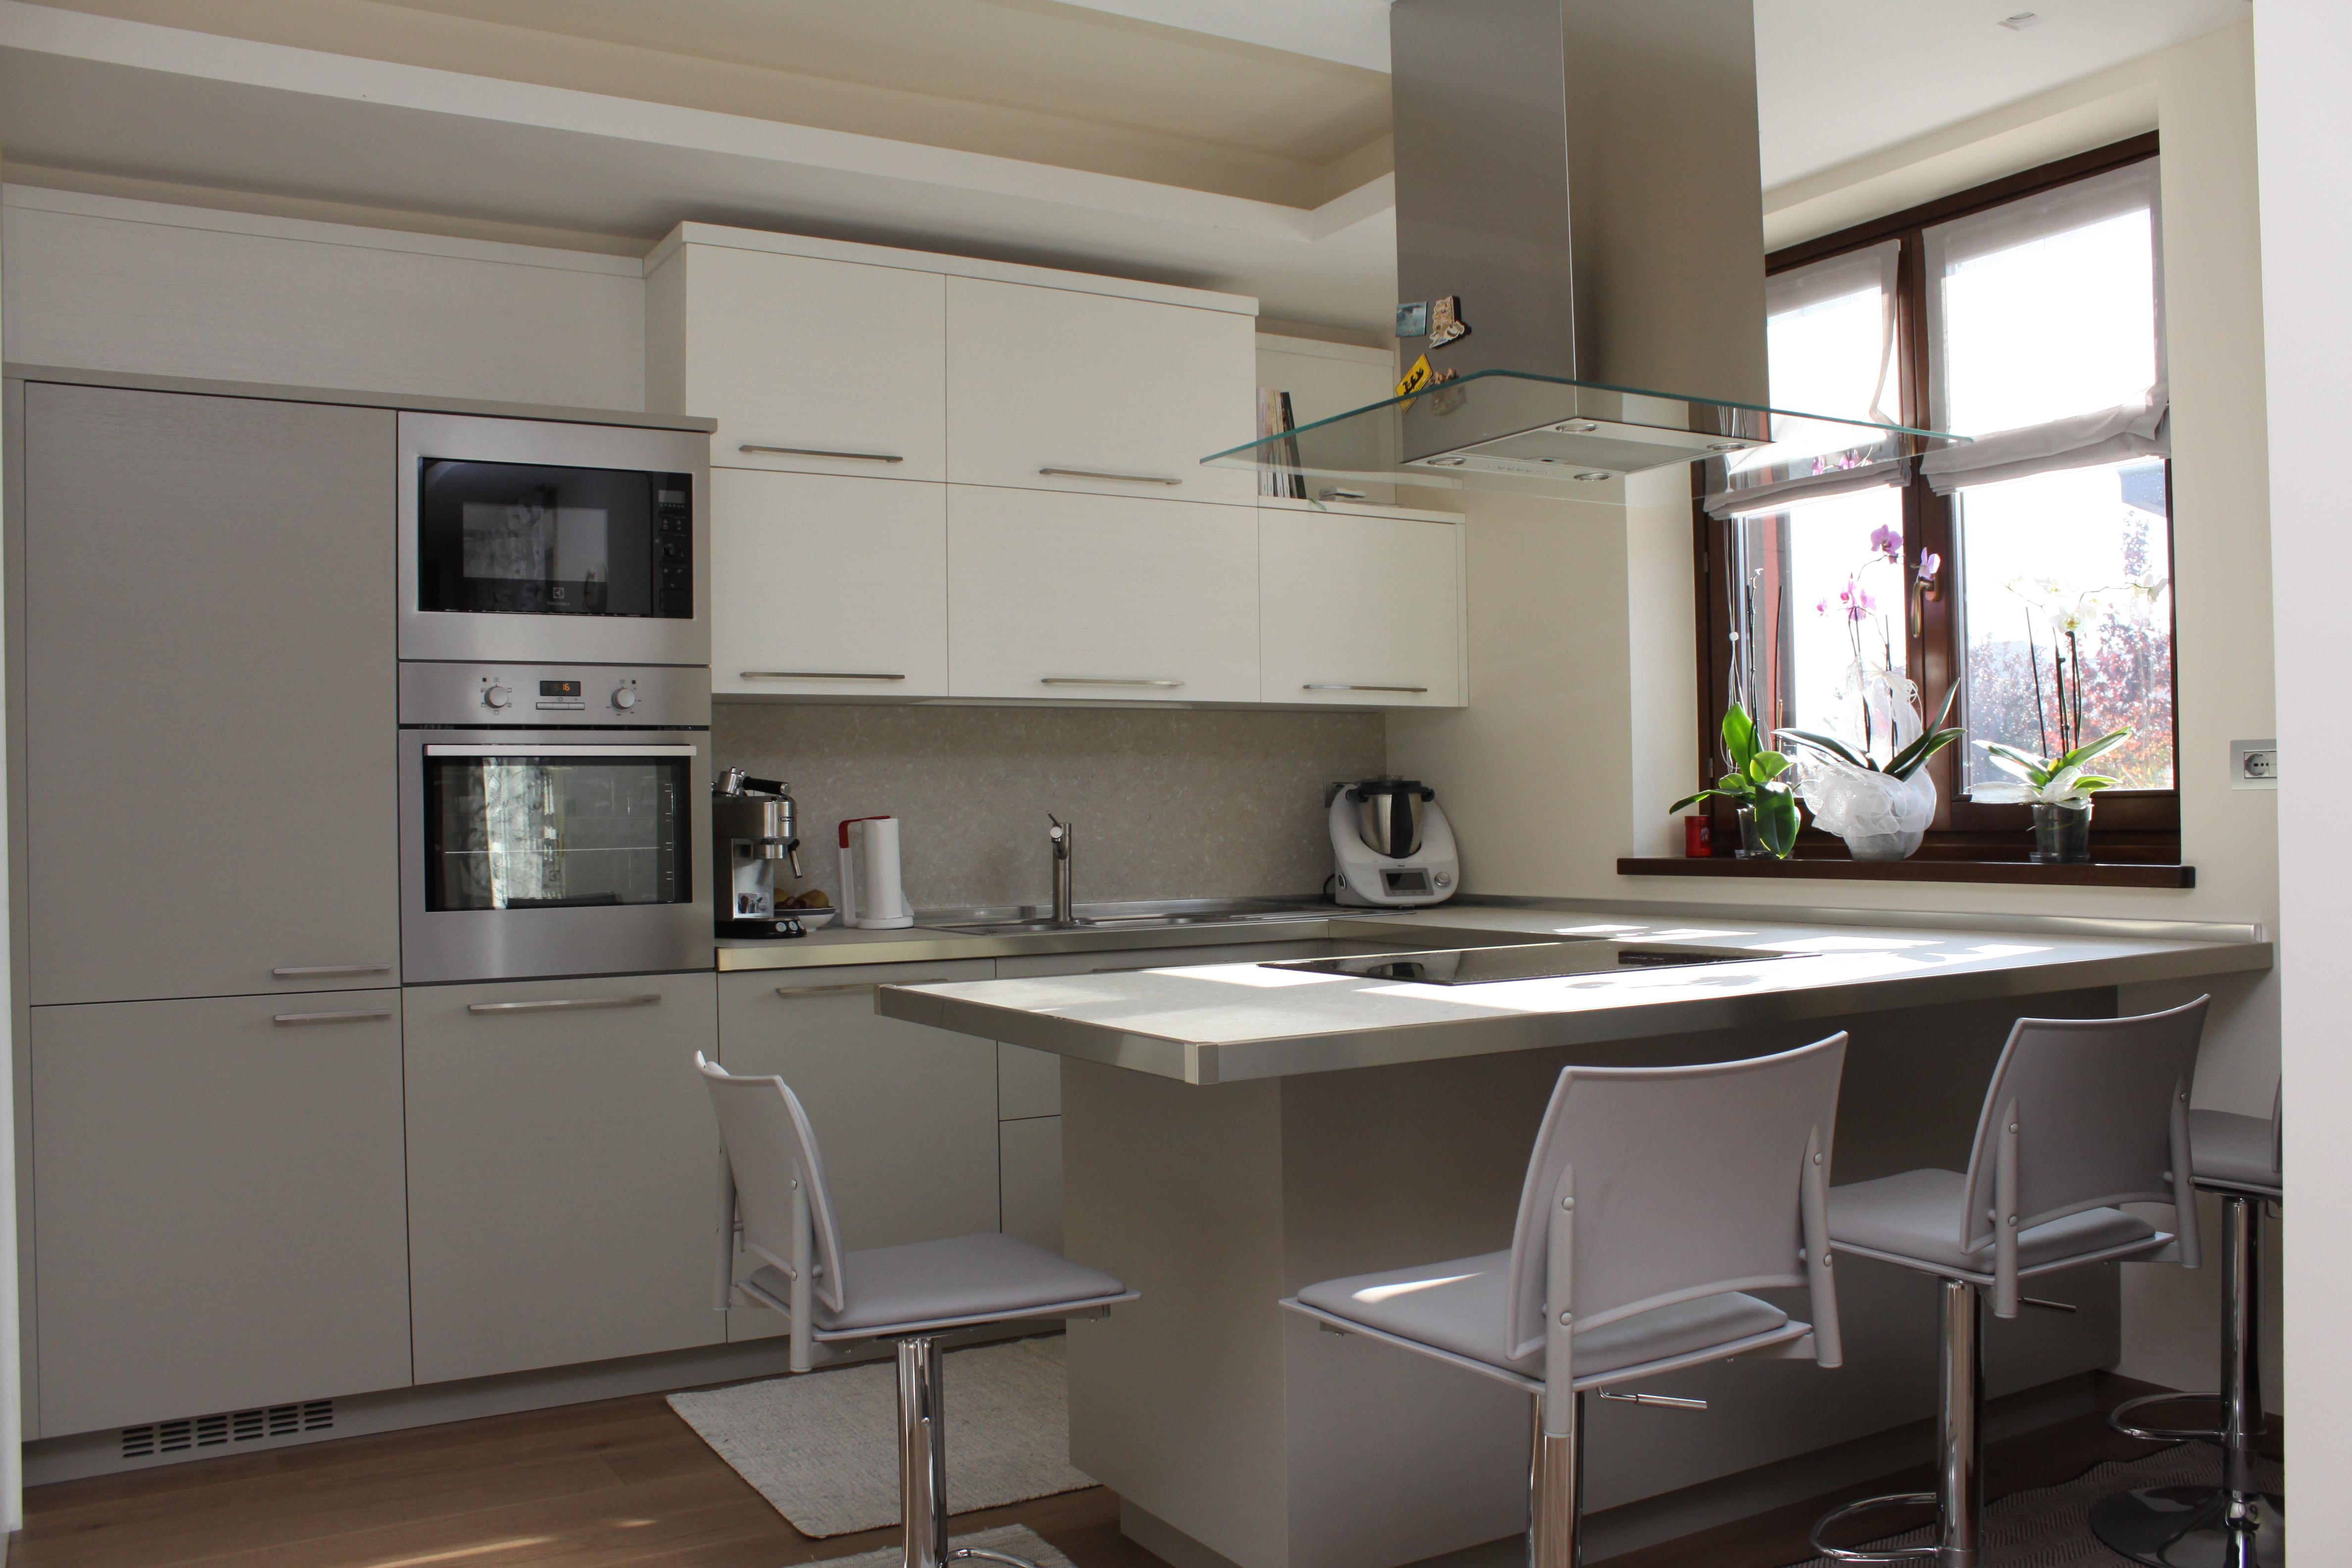 Cucine cuneo prezzi cucine cuneo offerte cucine cuneo - Cucine componibili bianche ...